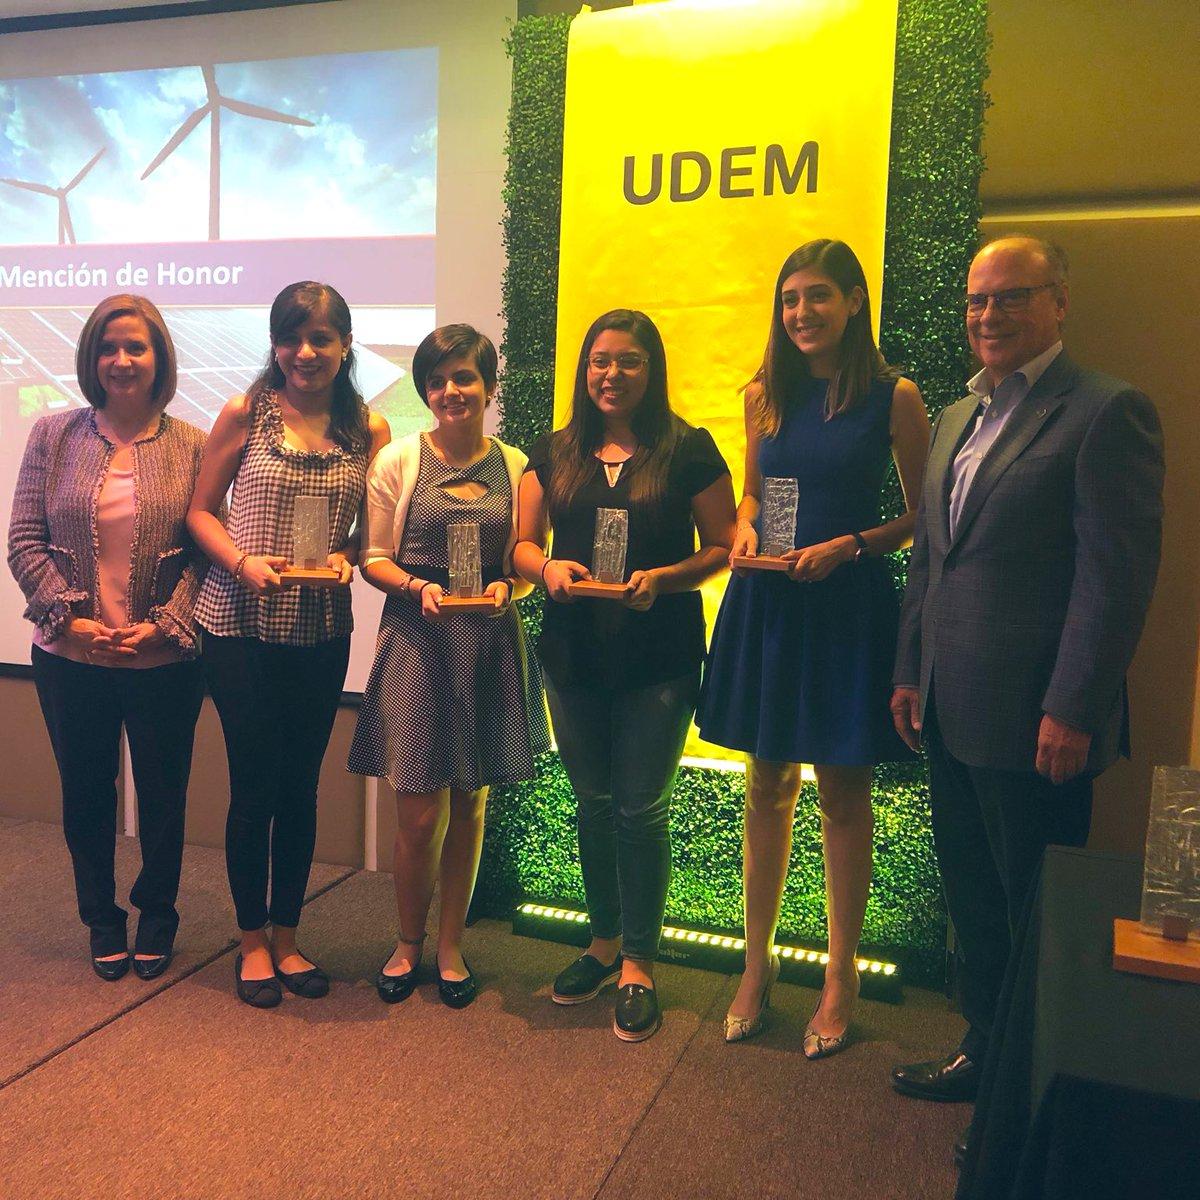 Felicito a nuestros alumnos @UDEM que participaron en el Premio Xignux 2019. Uno de los equipos obtuvo el primer lugar y otro mención honorífica. Deseo que sus proyectos trasciendan en todos los sentidos en beneficio de la comunidad.